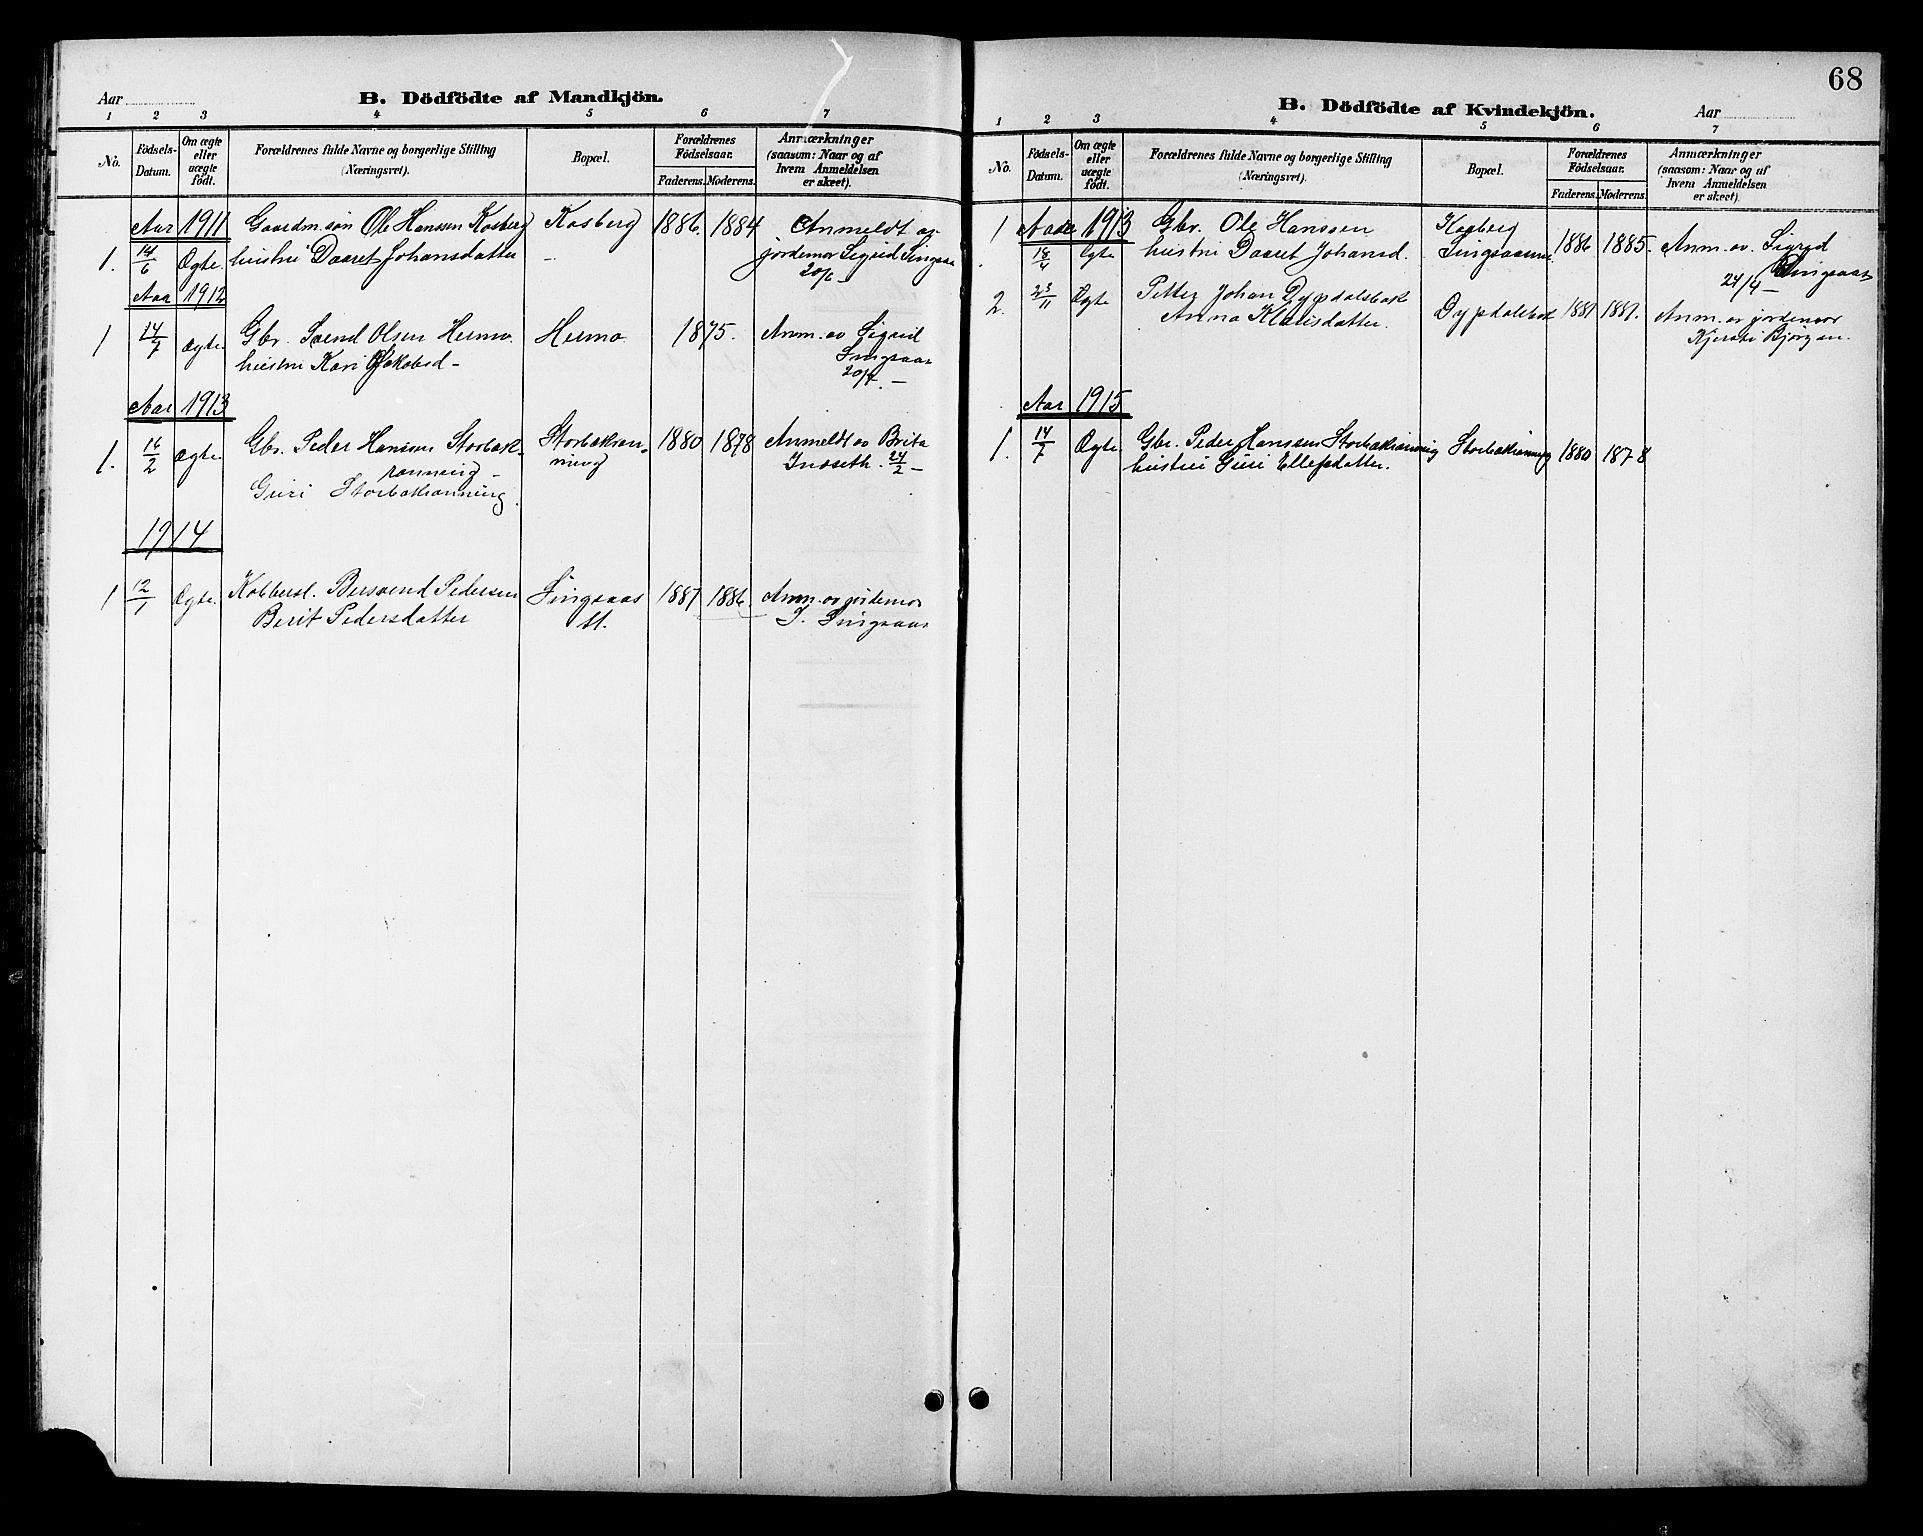 SAT, Ministerialprotokoller, klokkerbøker og fødselsregistre - Sør-Trøndelag, 688/L1029: Klokkerbok nr. 688C04, 1899-1915, s. 68